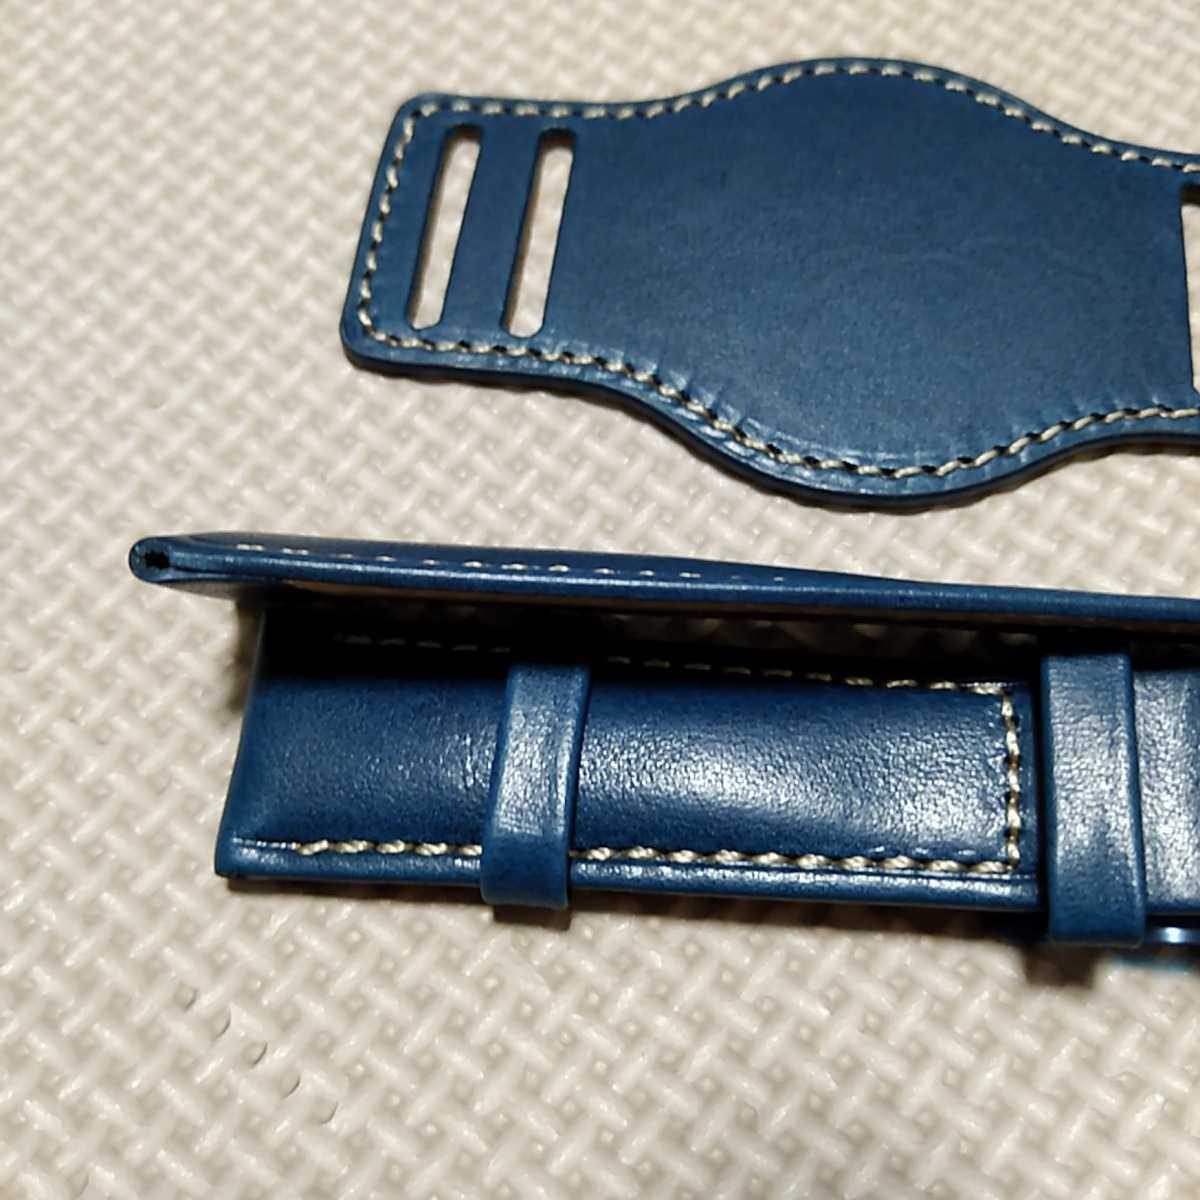 No70 ブンド BUND 本革レザーベルト 腕時計ベルト 交換用ストラップ ブルー 21mm 未使用 Dバックル 高品質 ドイツパイロット 空軍_画像7